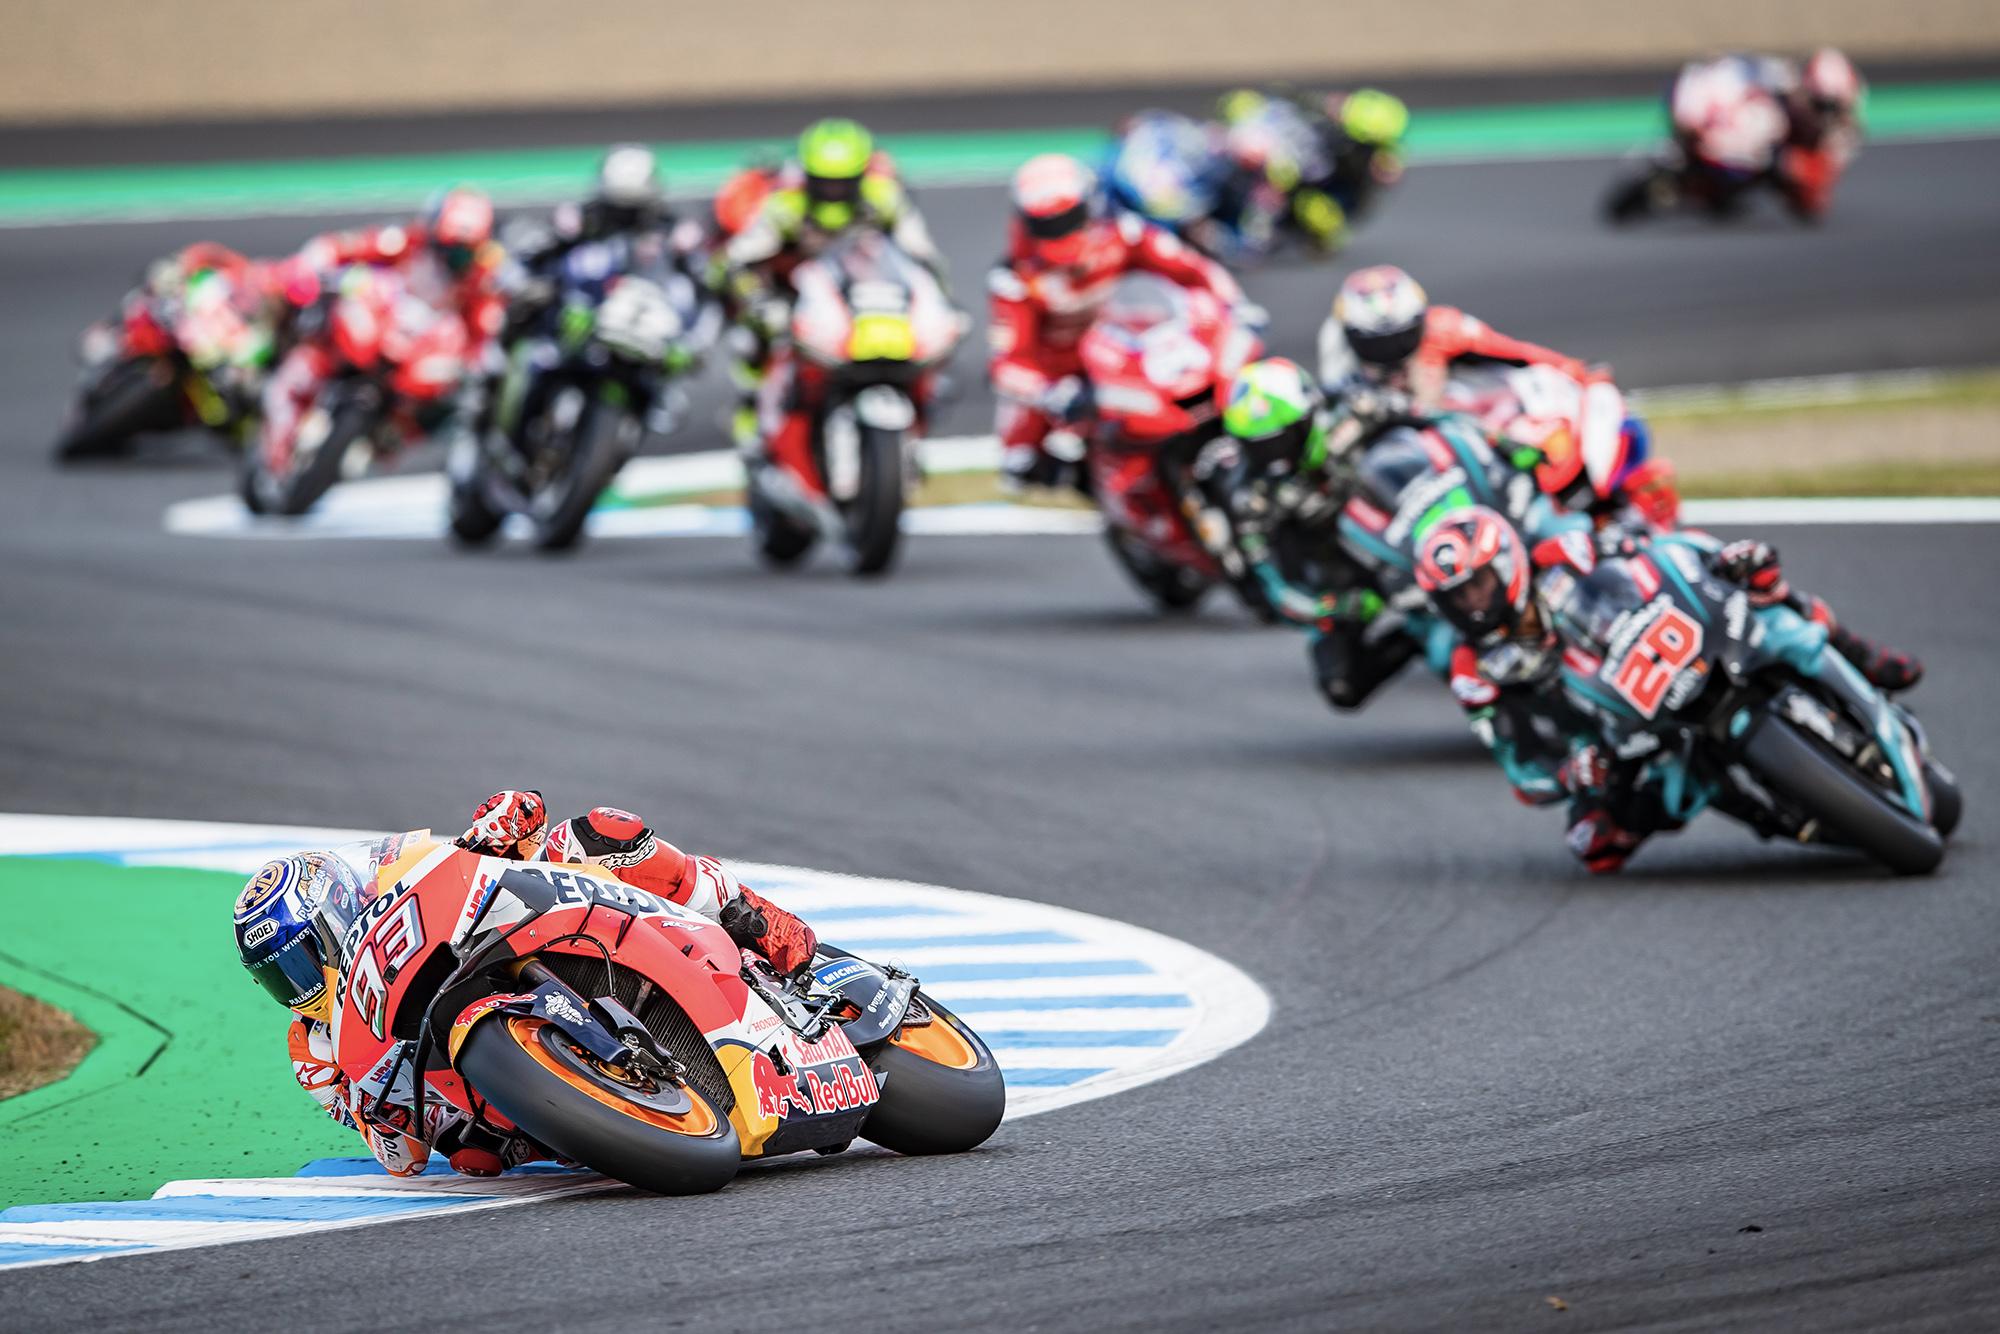 Marc Marquez leads the MotoGP grid